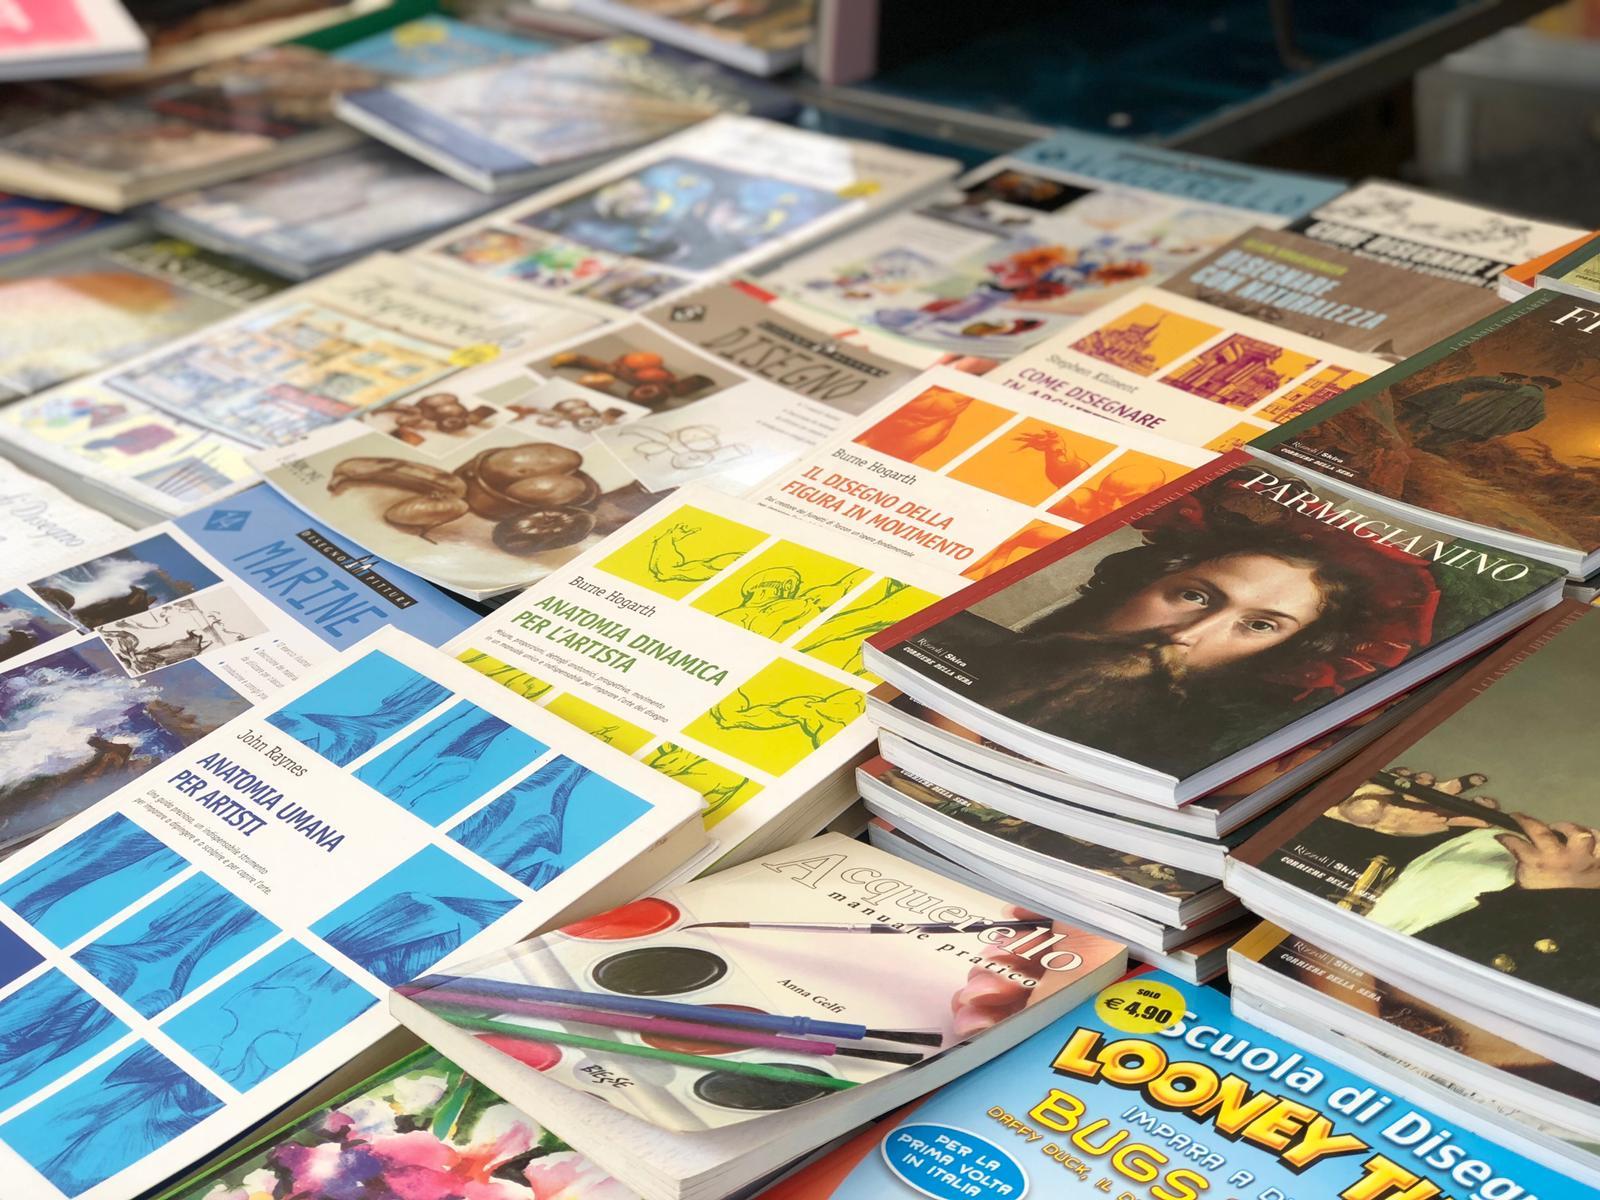 Perugia Fumetti - Mercato Pian Di Massiano - Libri e fumetti usati - 07